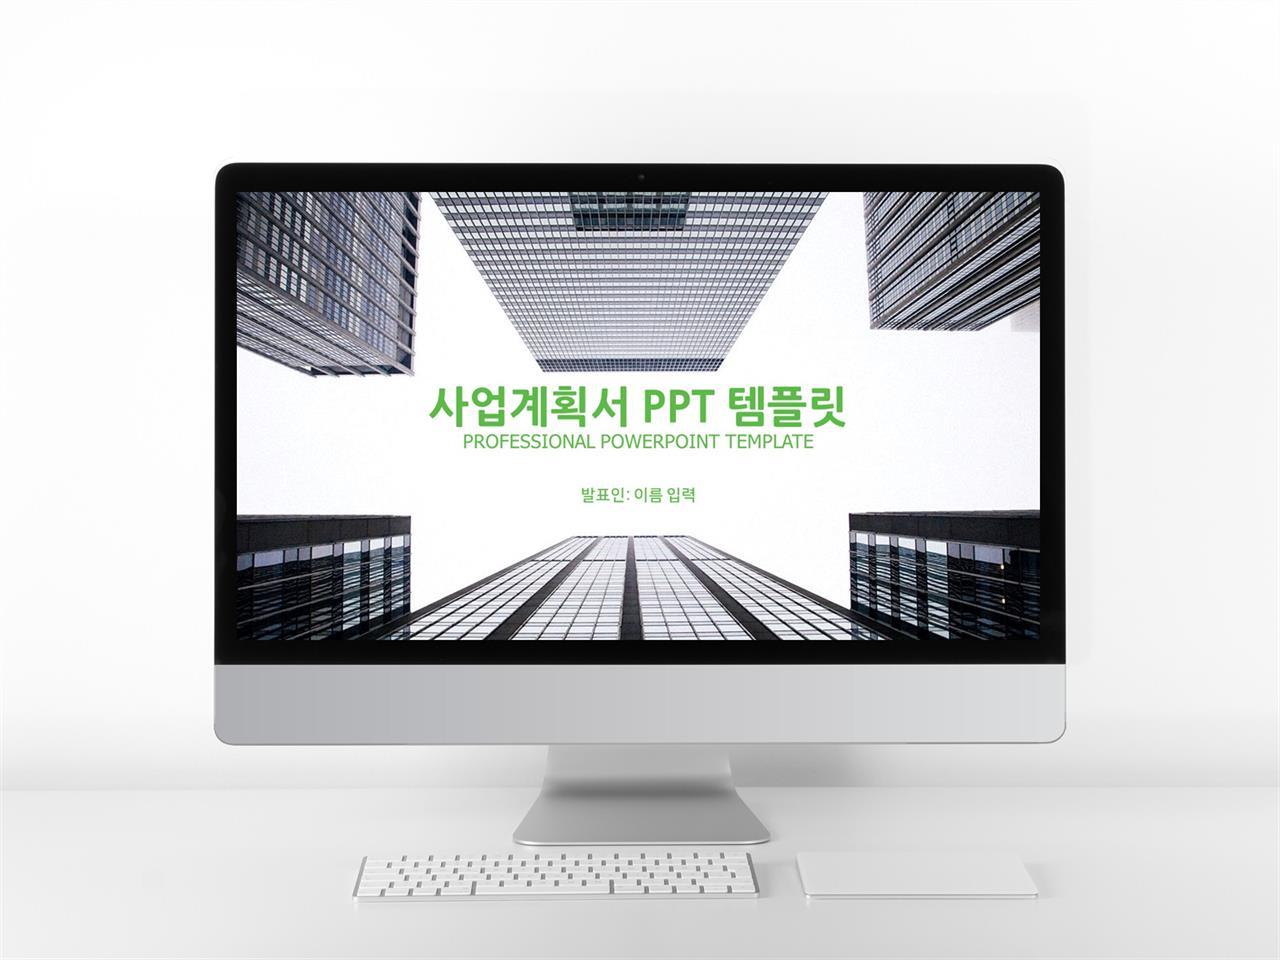 사업제안서 녹색 폼나는 프로급 PPT샘플 사이트 미리보기